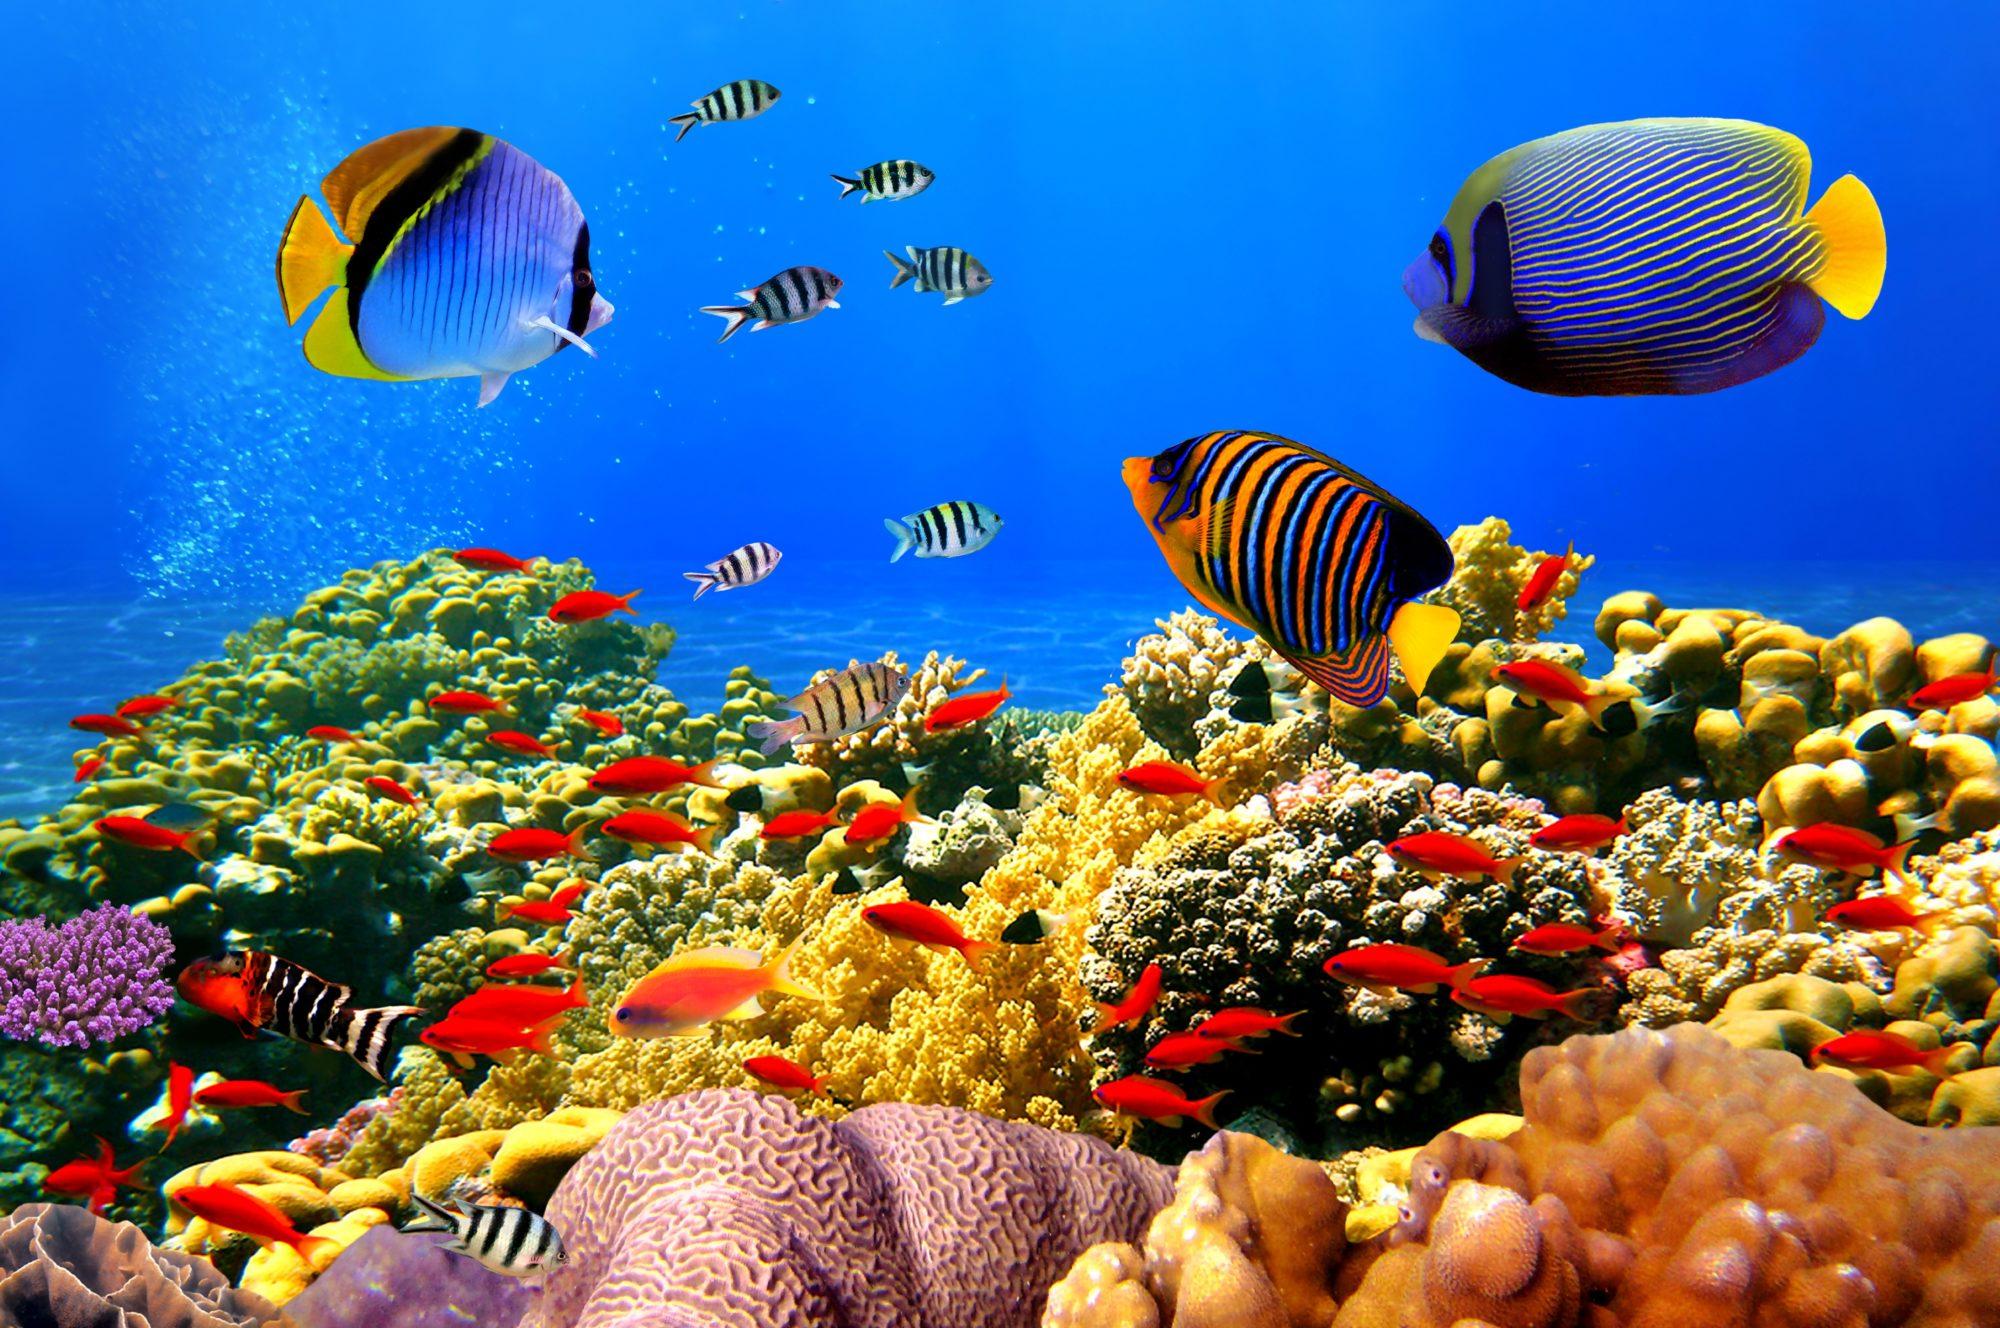 Підводна акустика: вчені навчилися воскрешати коралові рифи - океан, Австралія - 04 koral 2000x1328